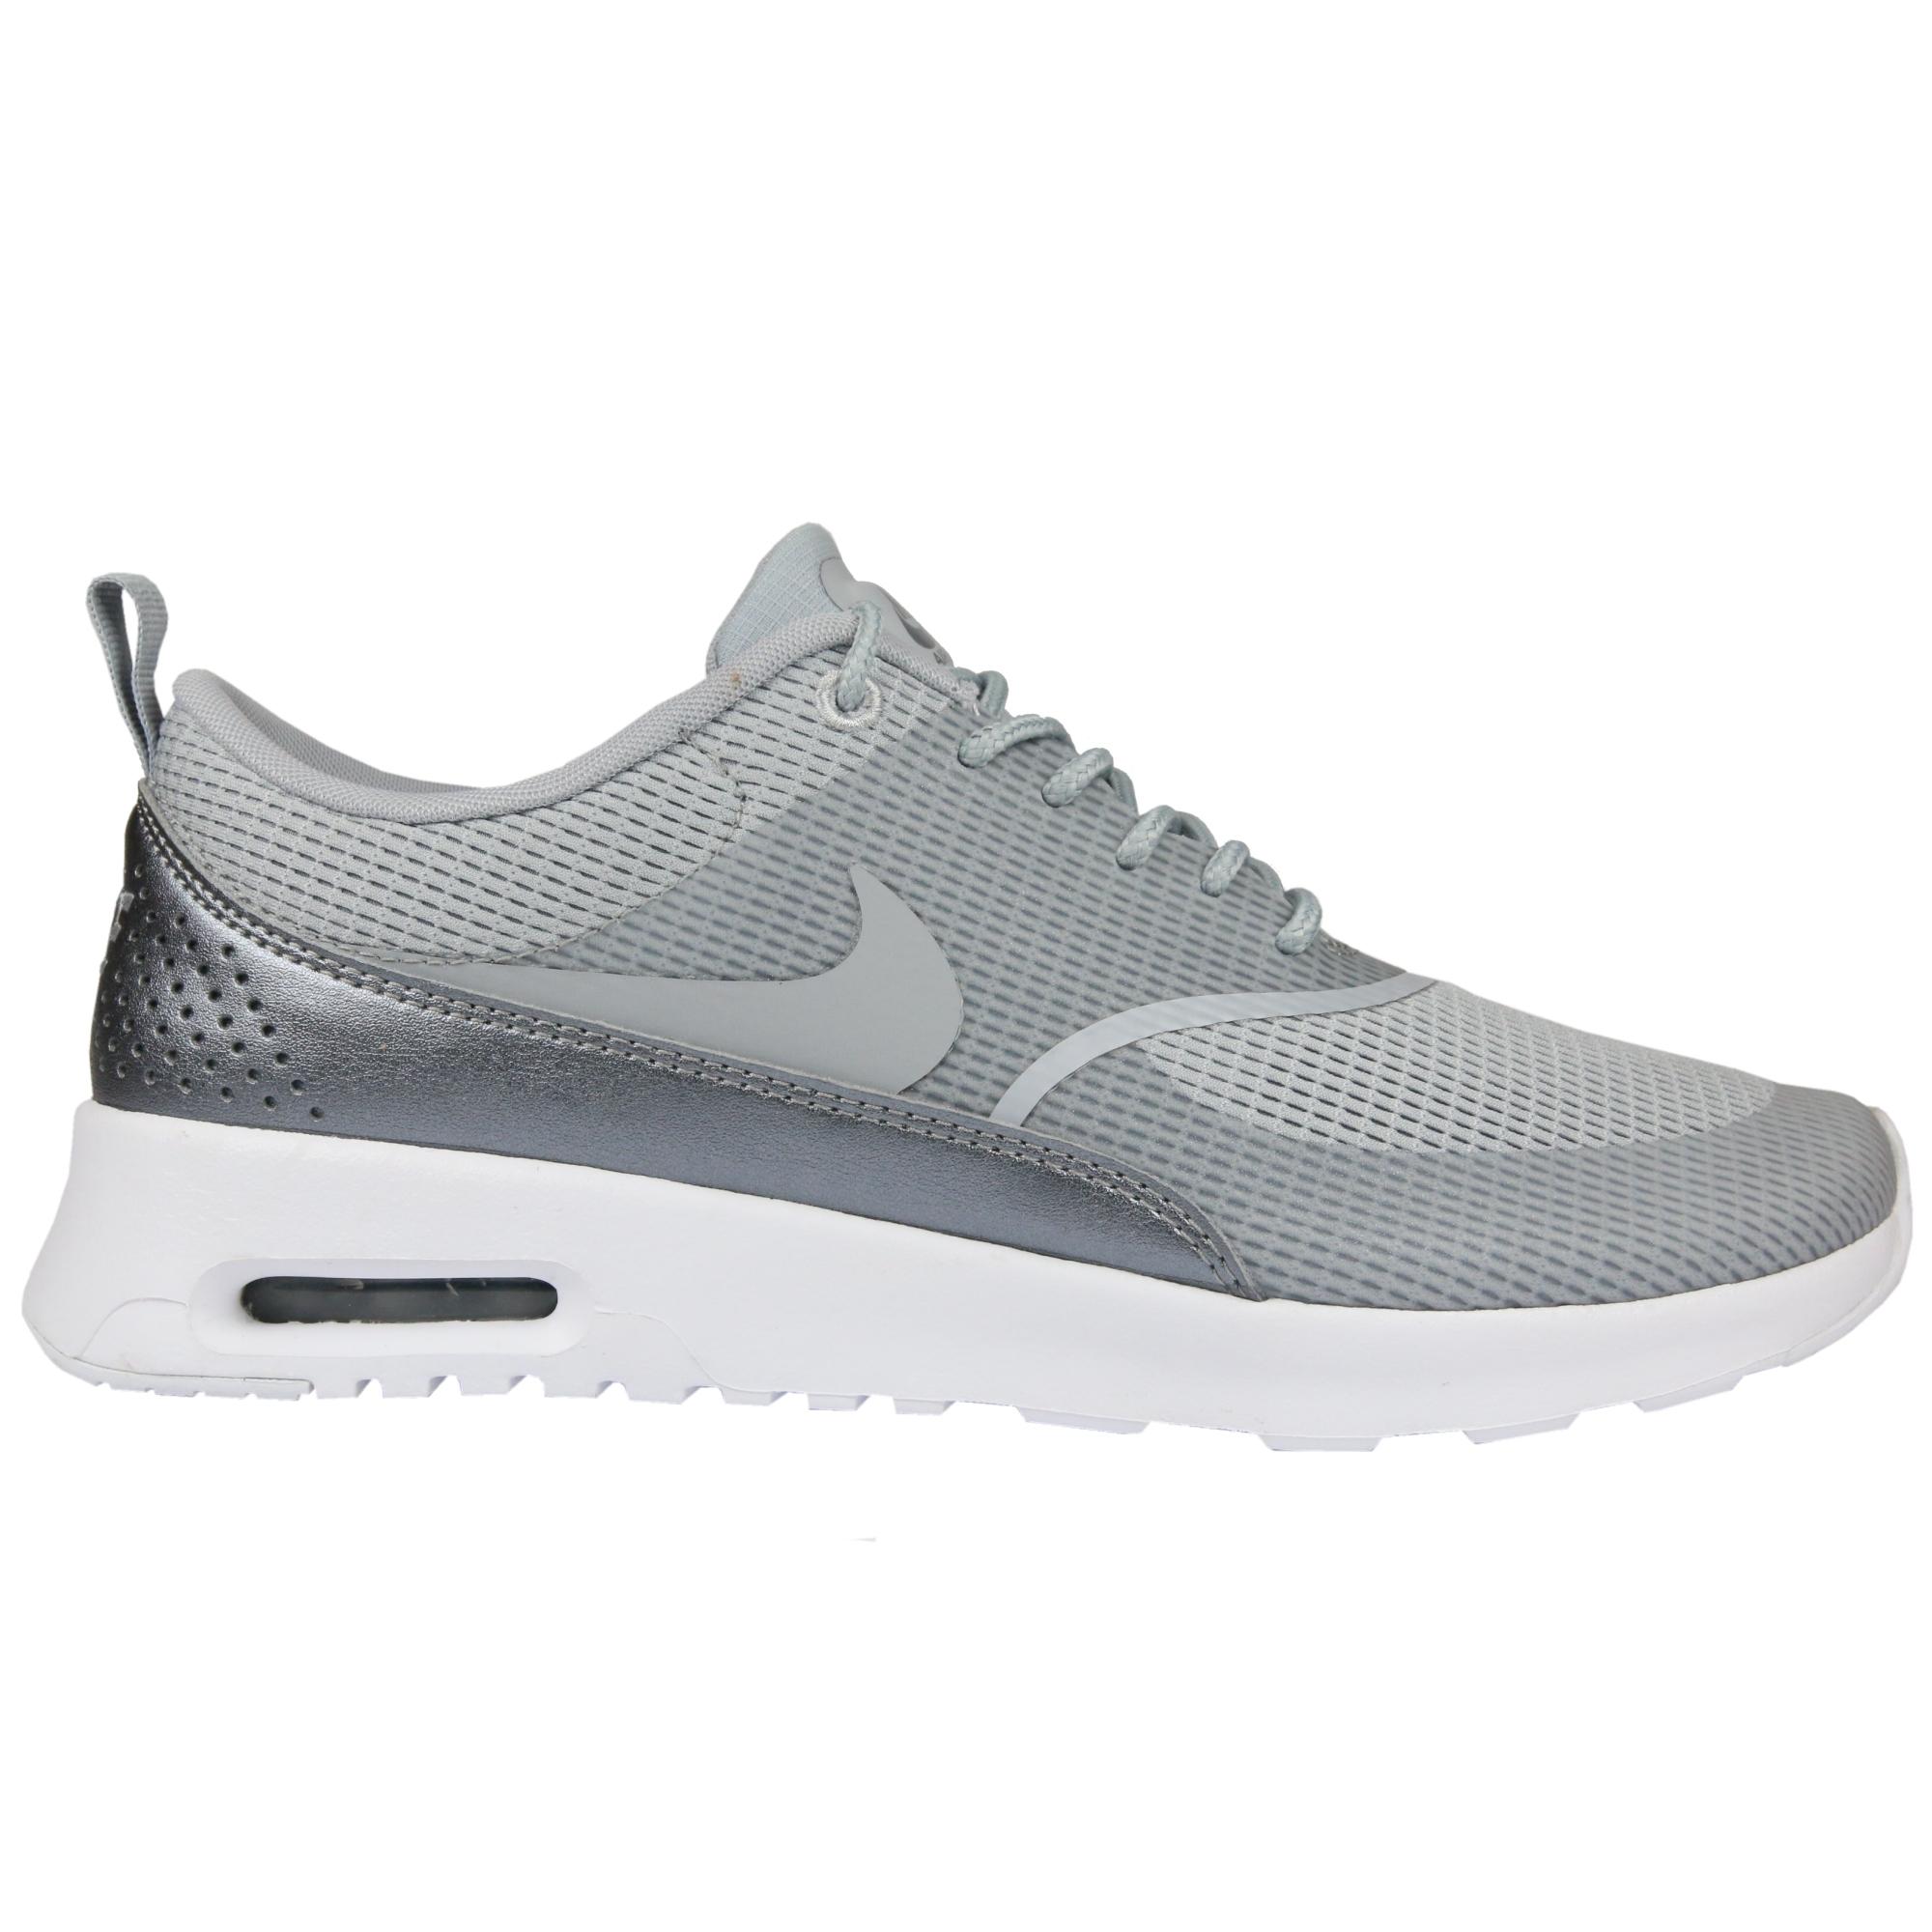 Nike Air Max Thea Sneakers Pink  78eacbb9e